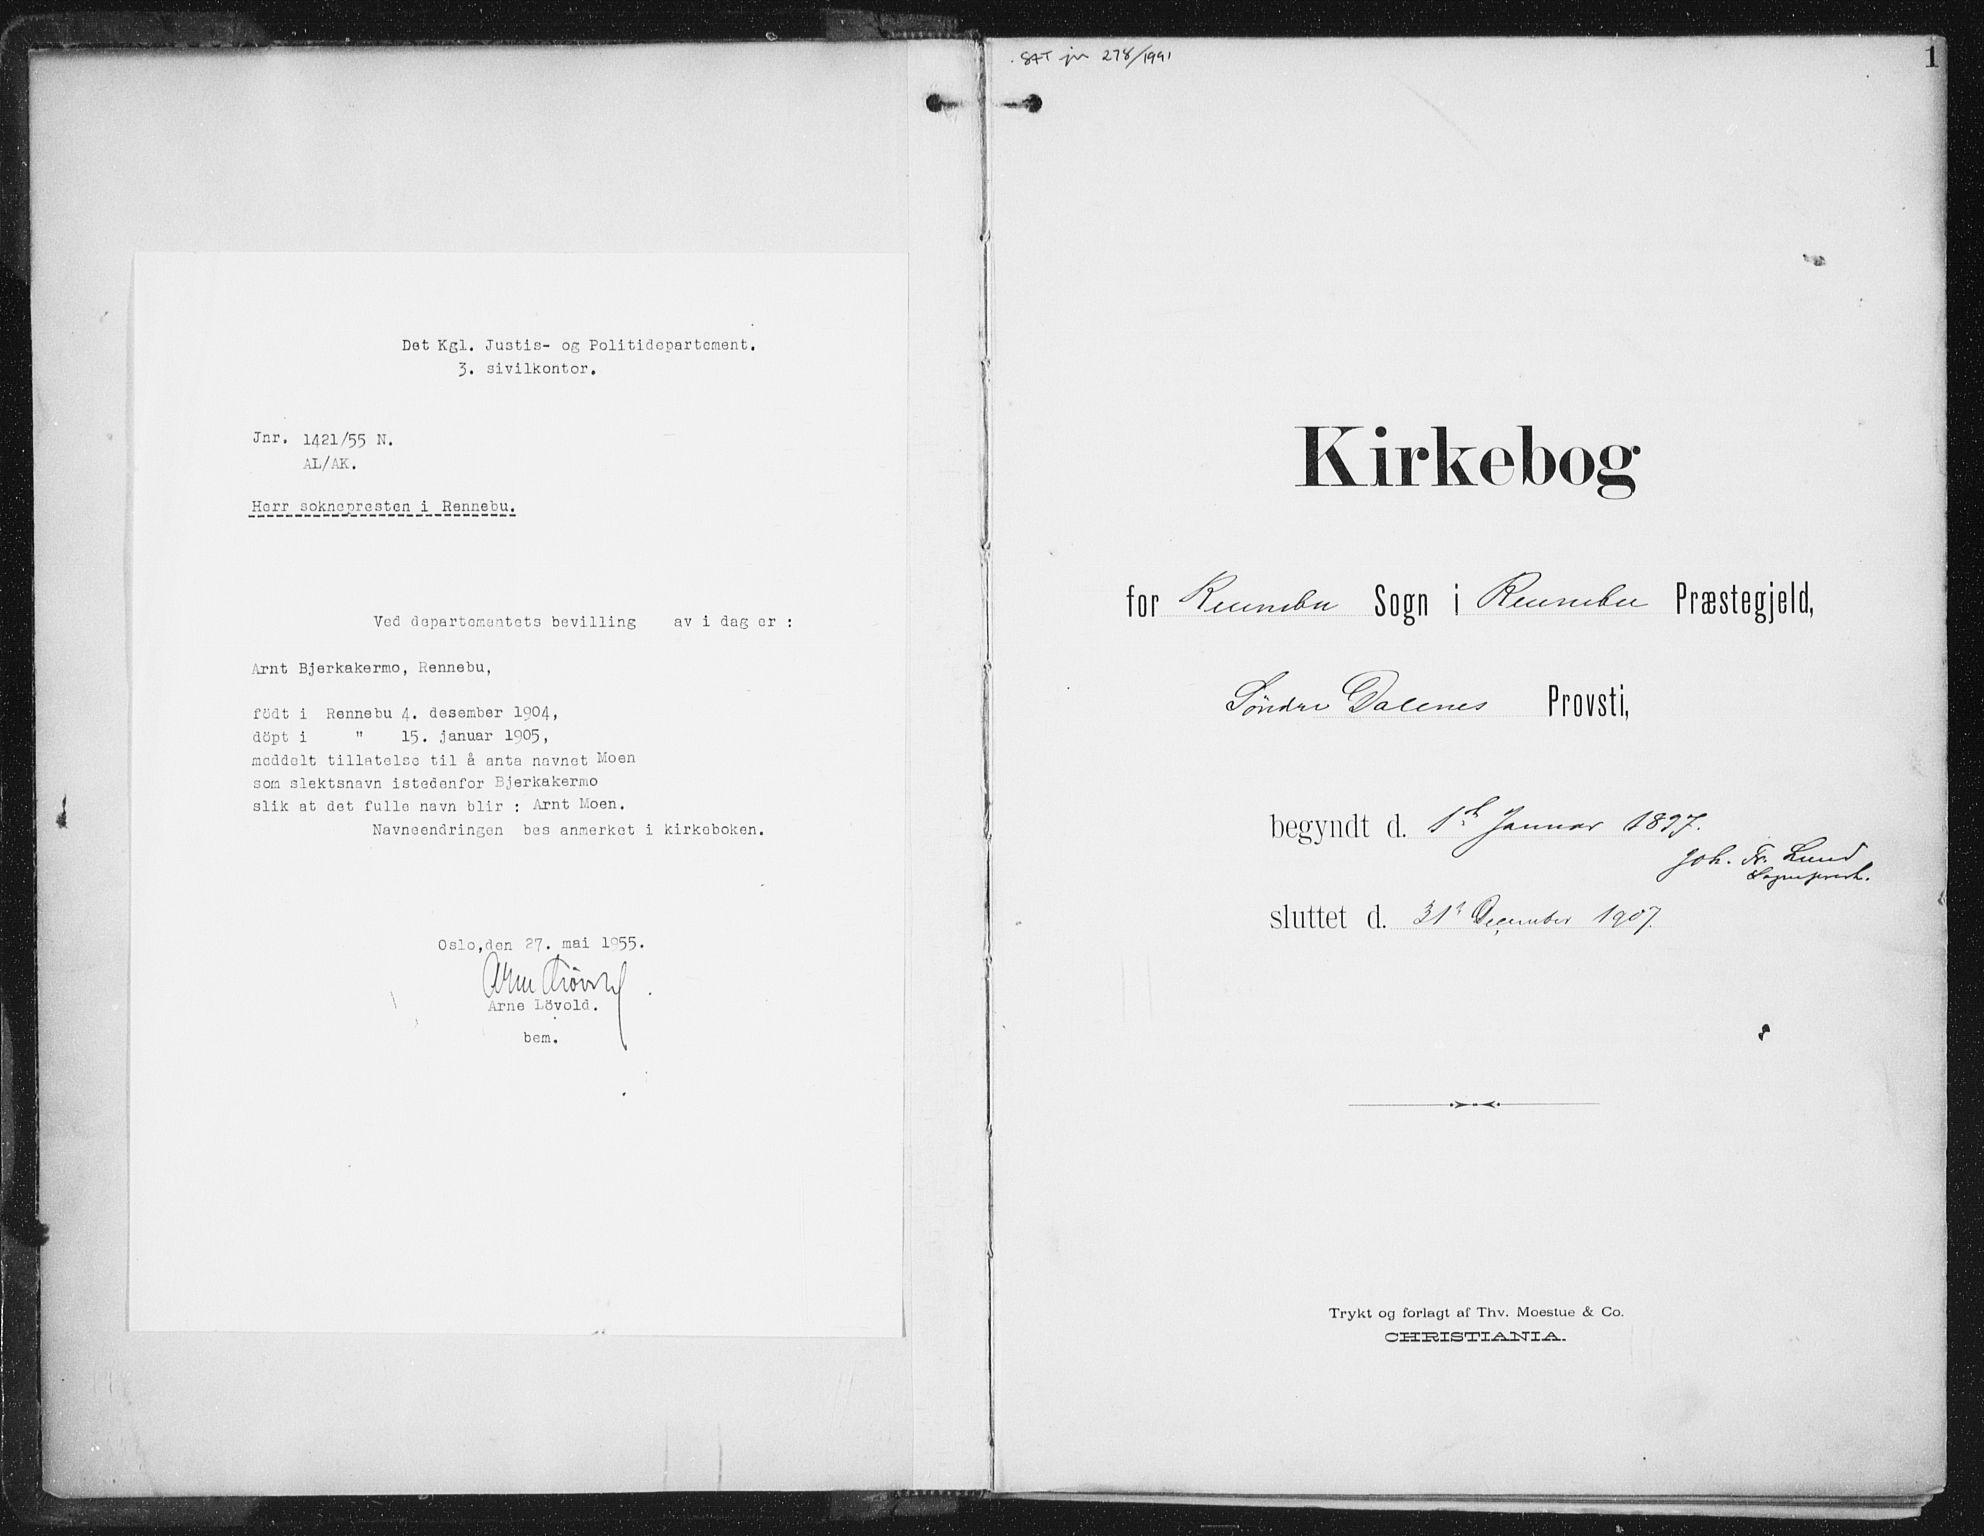 SAT, Ministerialprotokoller, klokkerbøker og fødselsregistre - Sør-Trøndelag, 674/L0872: Ministerialbok nr. 674A04, 1897-1907, s. 1